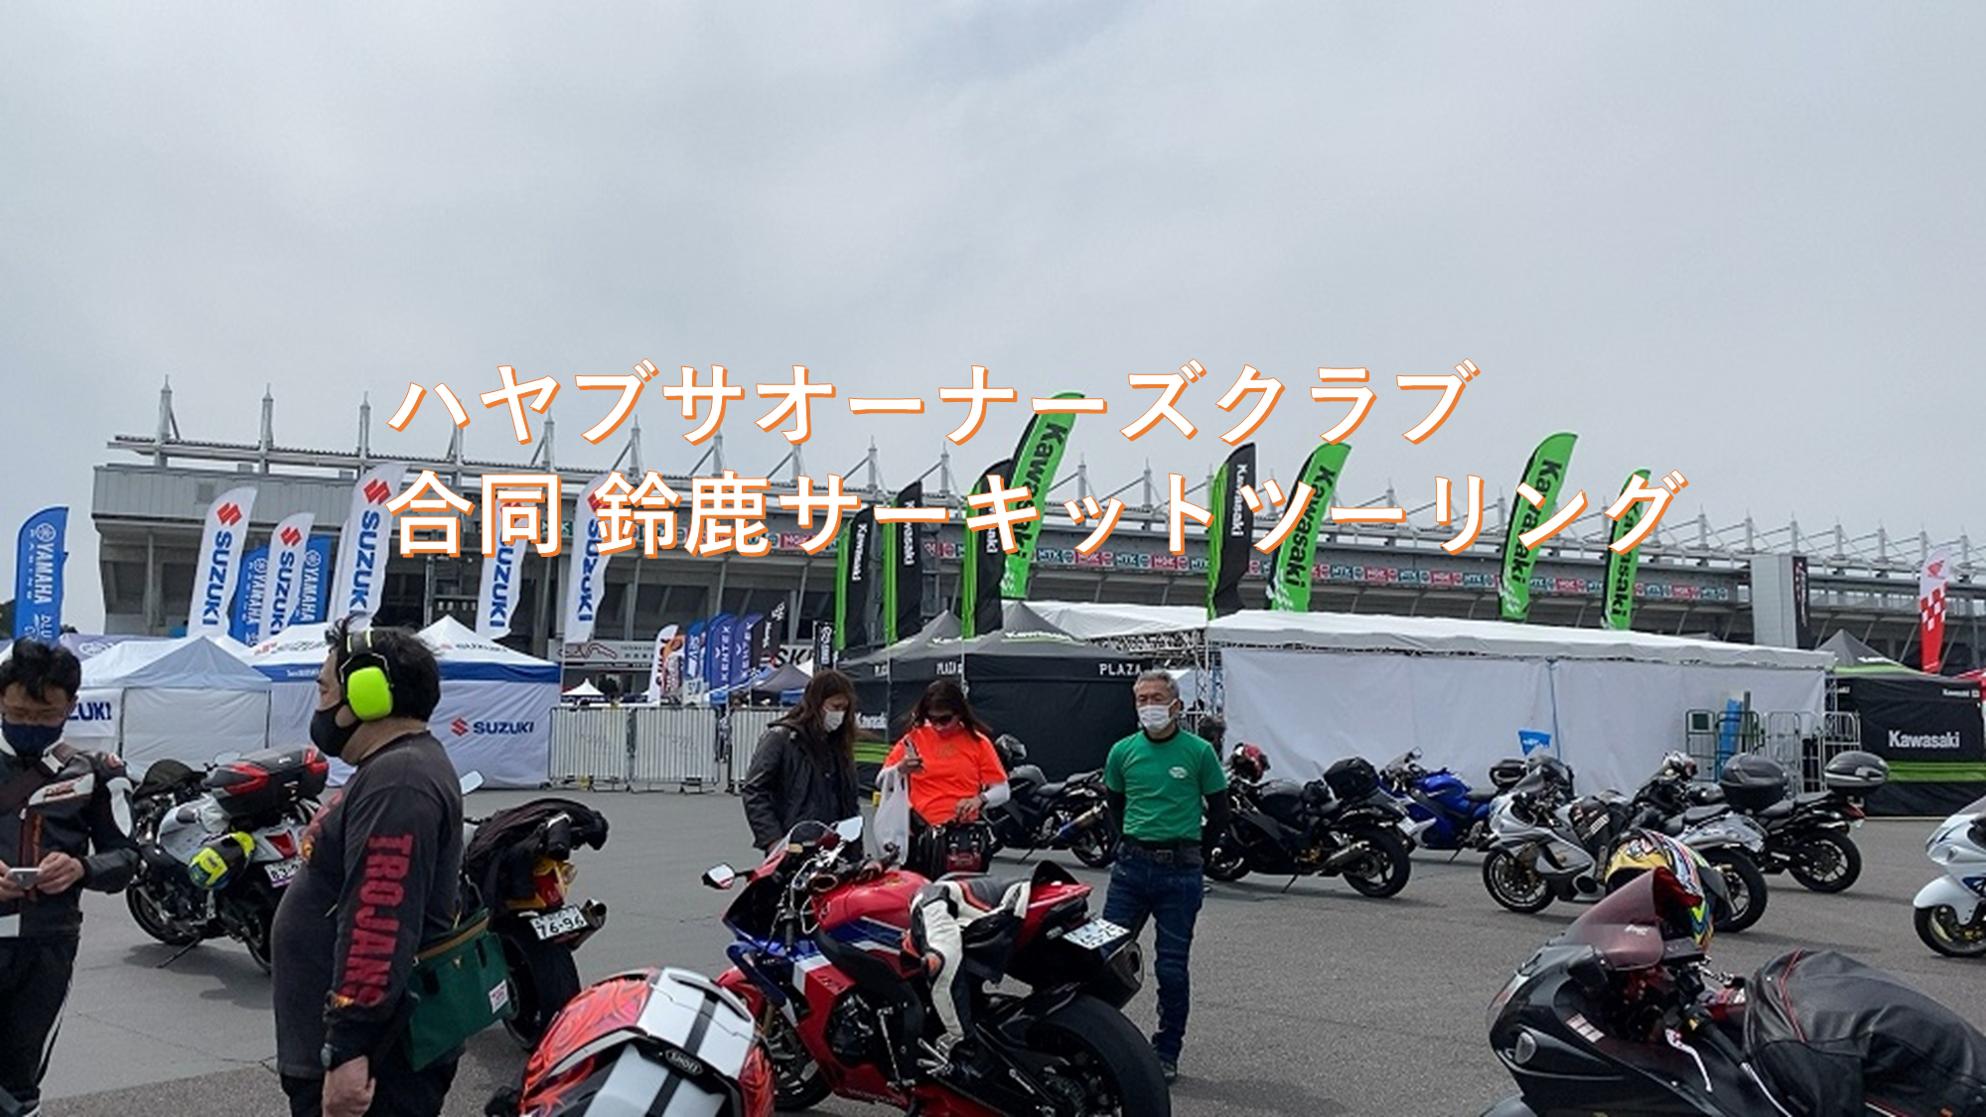 【雑日記】鈴鹿 ハヤブサMTGに行ってサーキット走った話